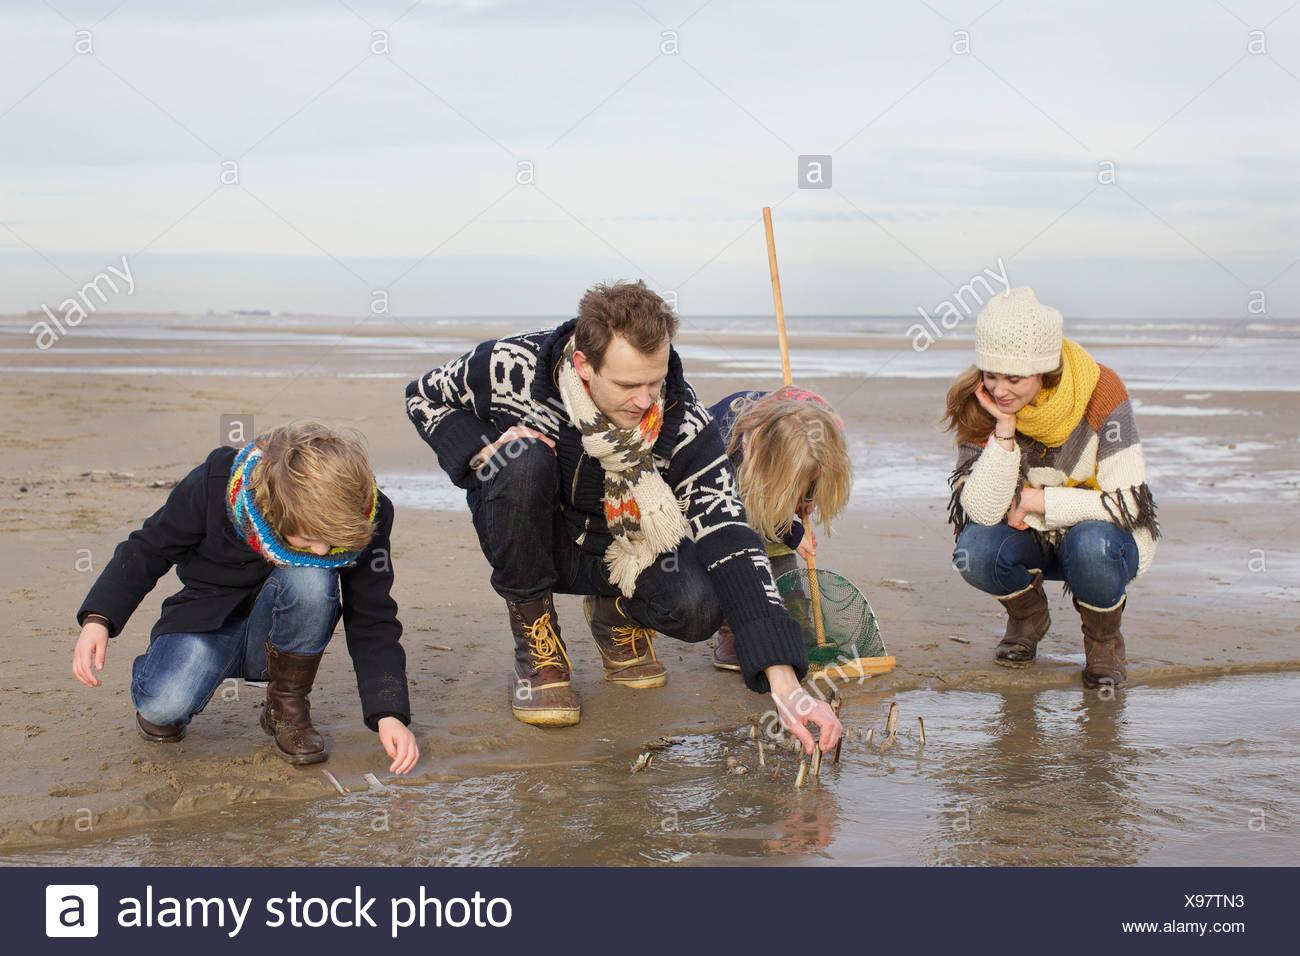 Mid padres adultos con hijo e hija buscando conchas en la playa, Bloemendaal aan Zee, Holanda Imagen De Stock